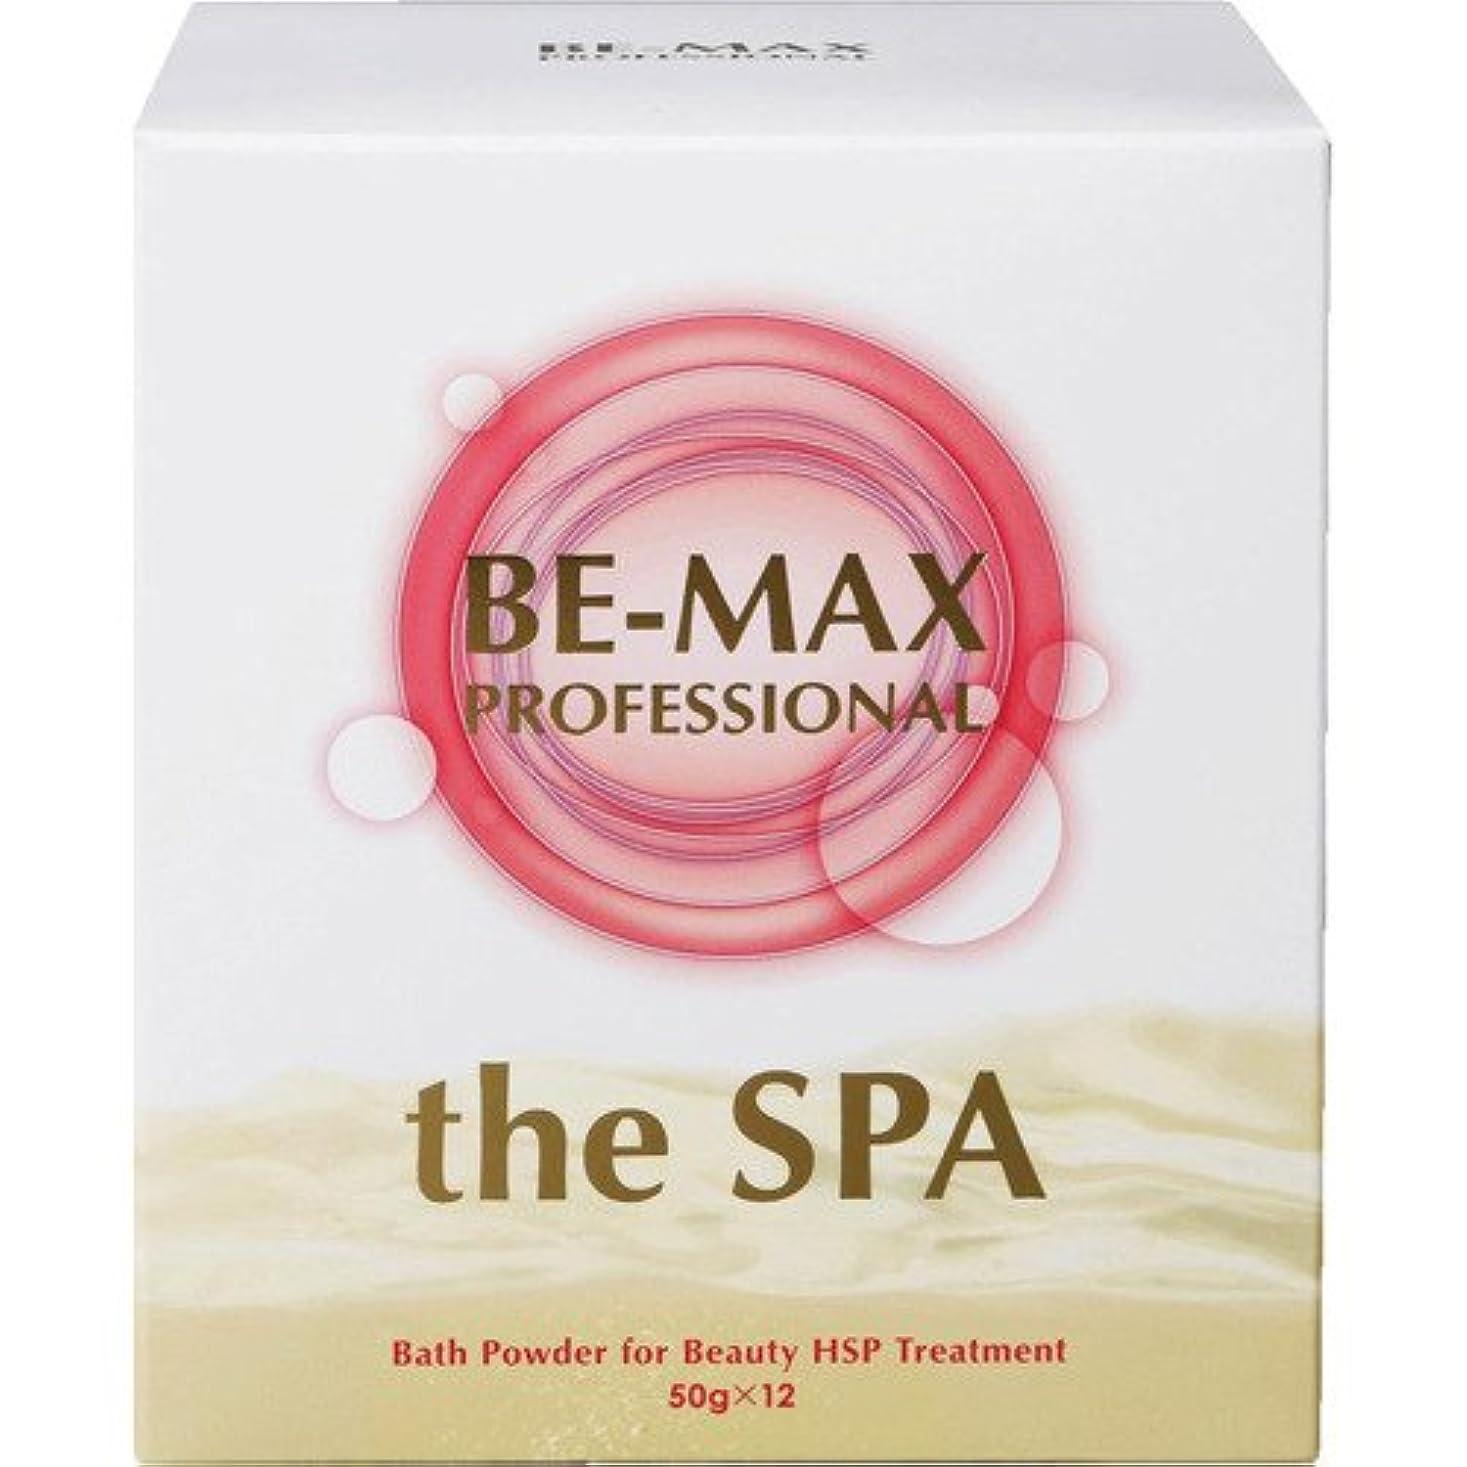 変更脊椎トランクライブラリBE-MAX the SPA 入浴剤 柑橘系ハーブ精油がふわりと香る微炭酸湯